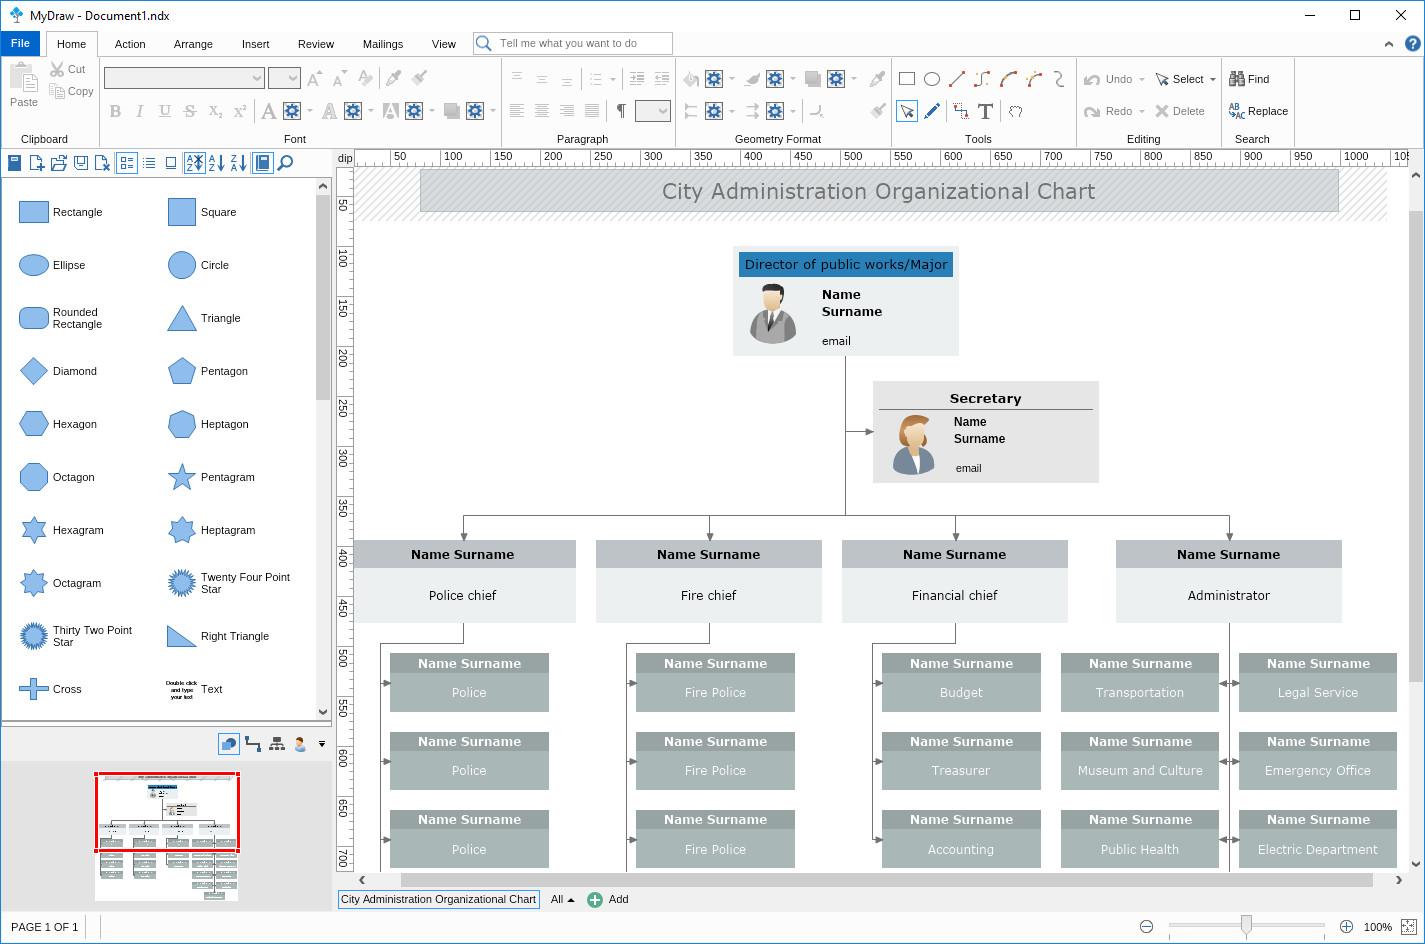 برنامج الرسوم البيانية والمخططات MyDraw 1.0.1 لبرنامج Visio